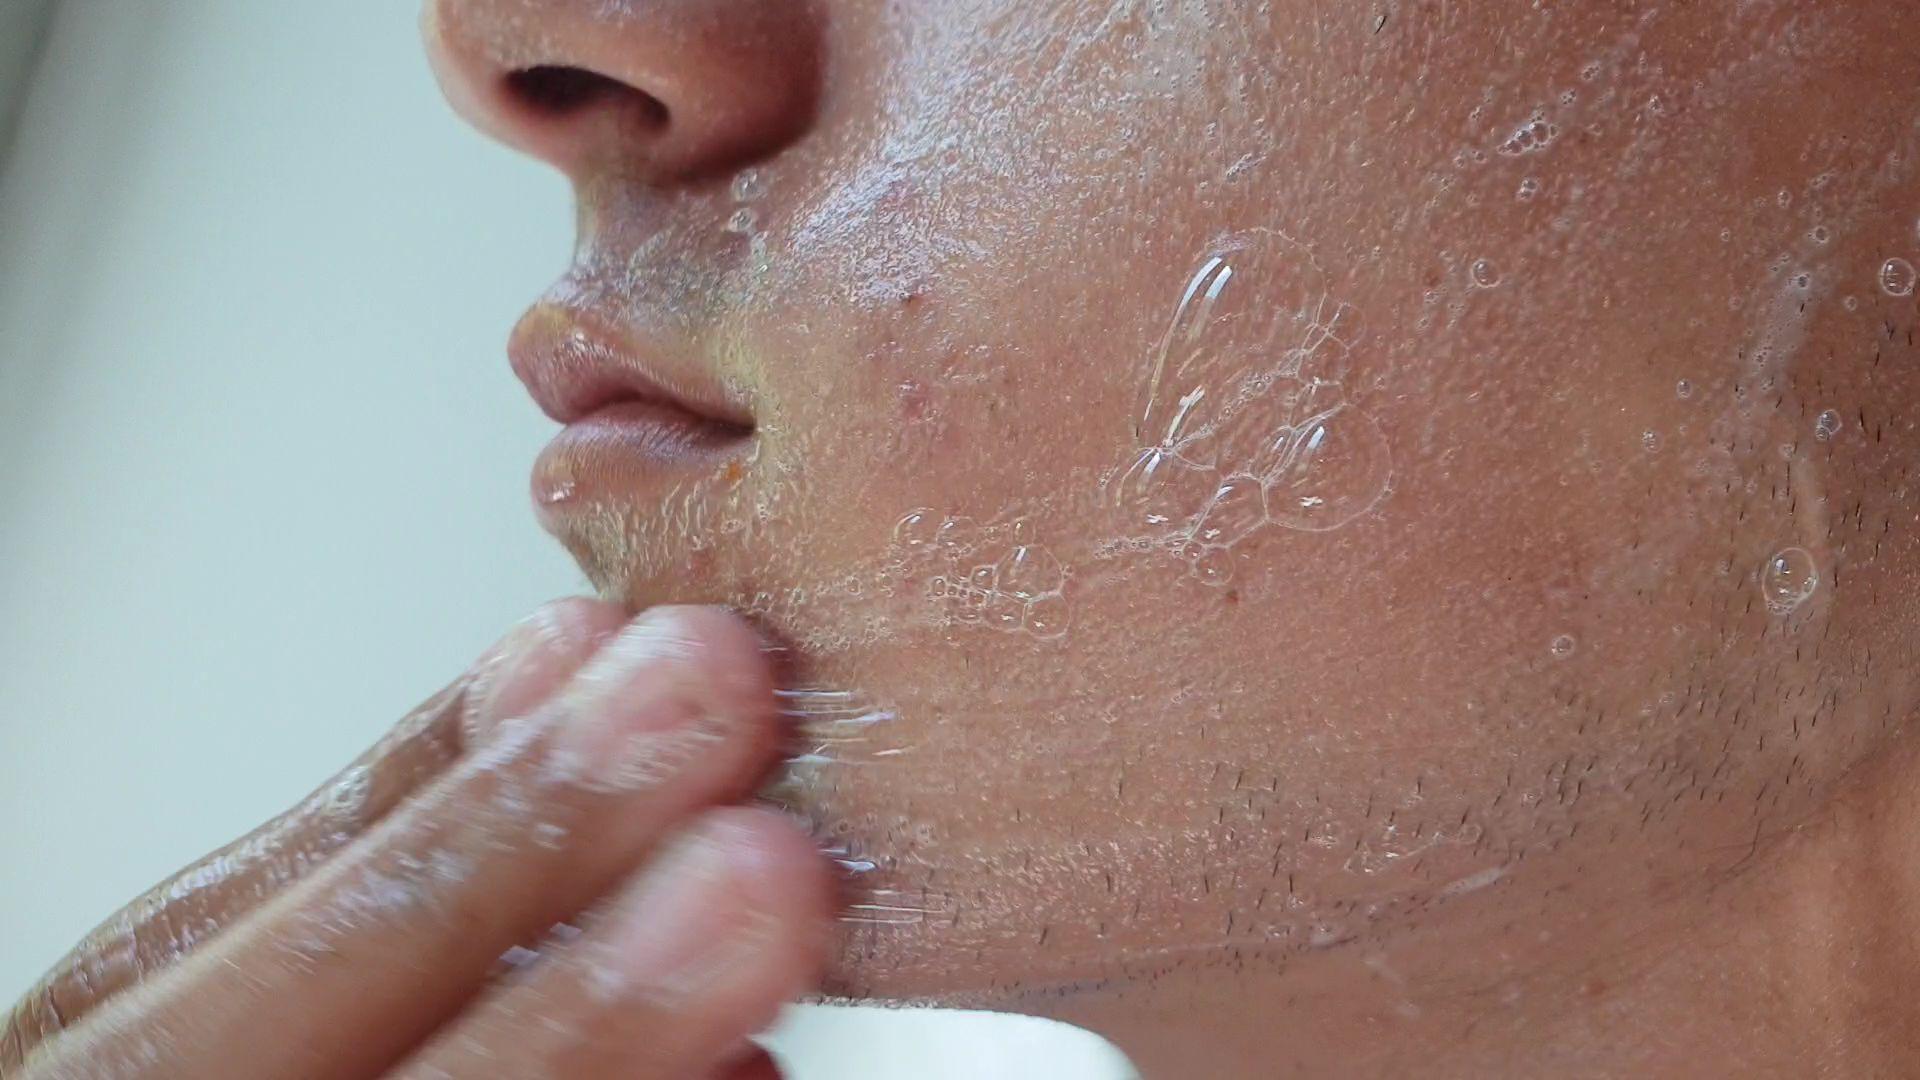 3 סיבות לניקוי הפנים לפני השינה והאם חשוב לנקות אותם גם בבוקר.